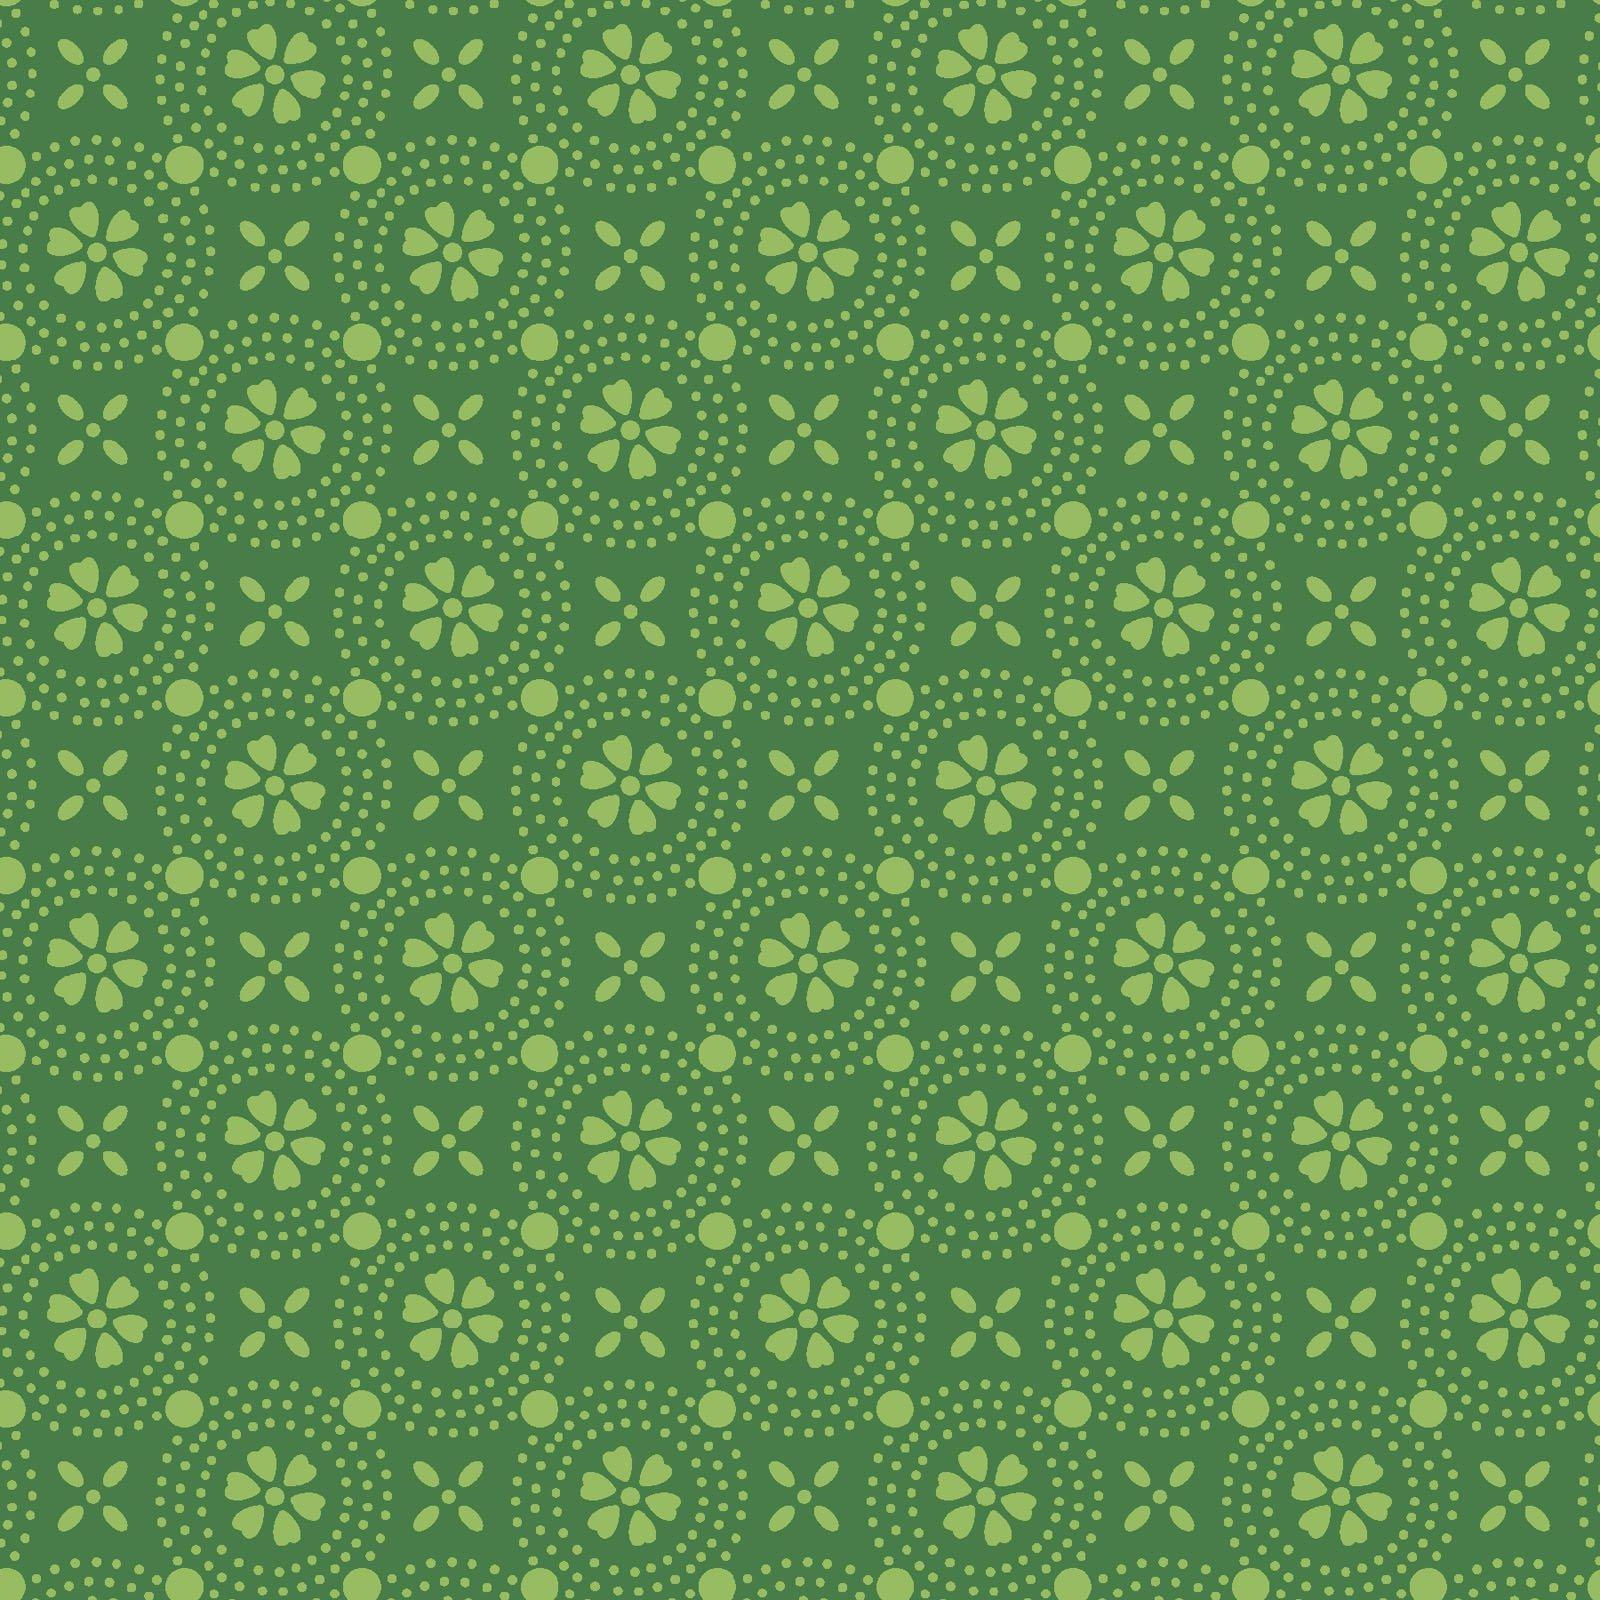 KimberBell Basics Green Dotted Circles 8241M-GG